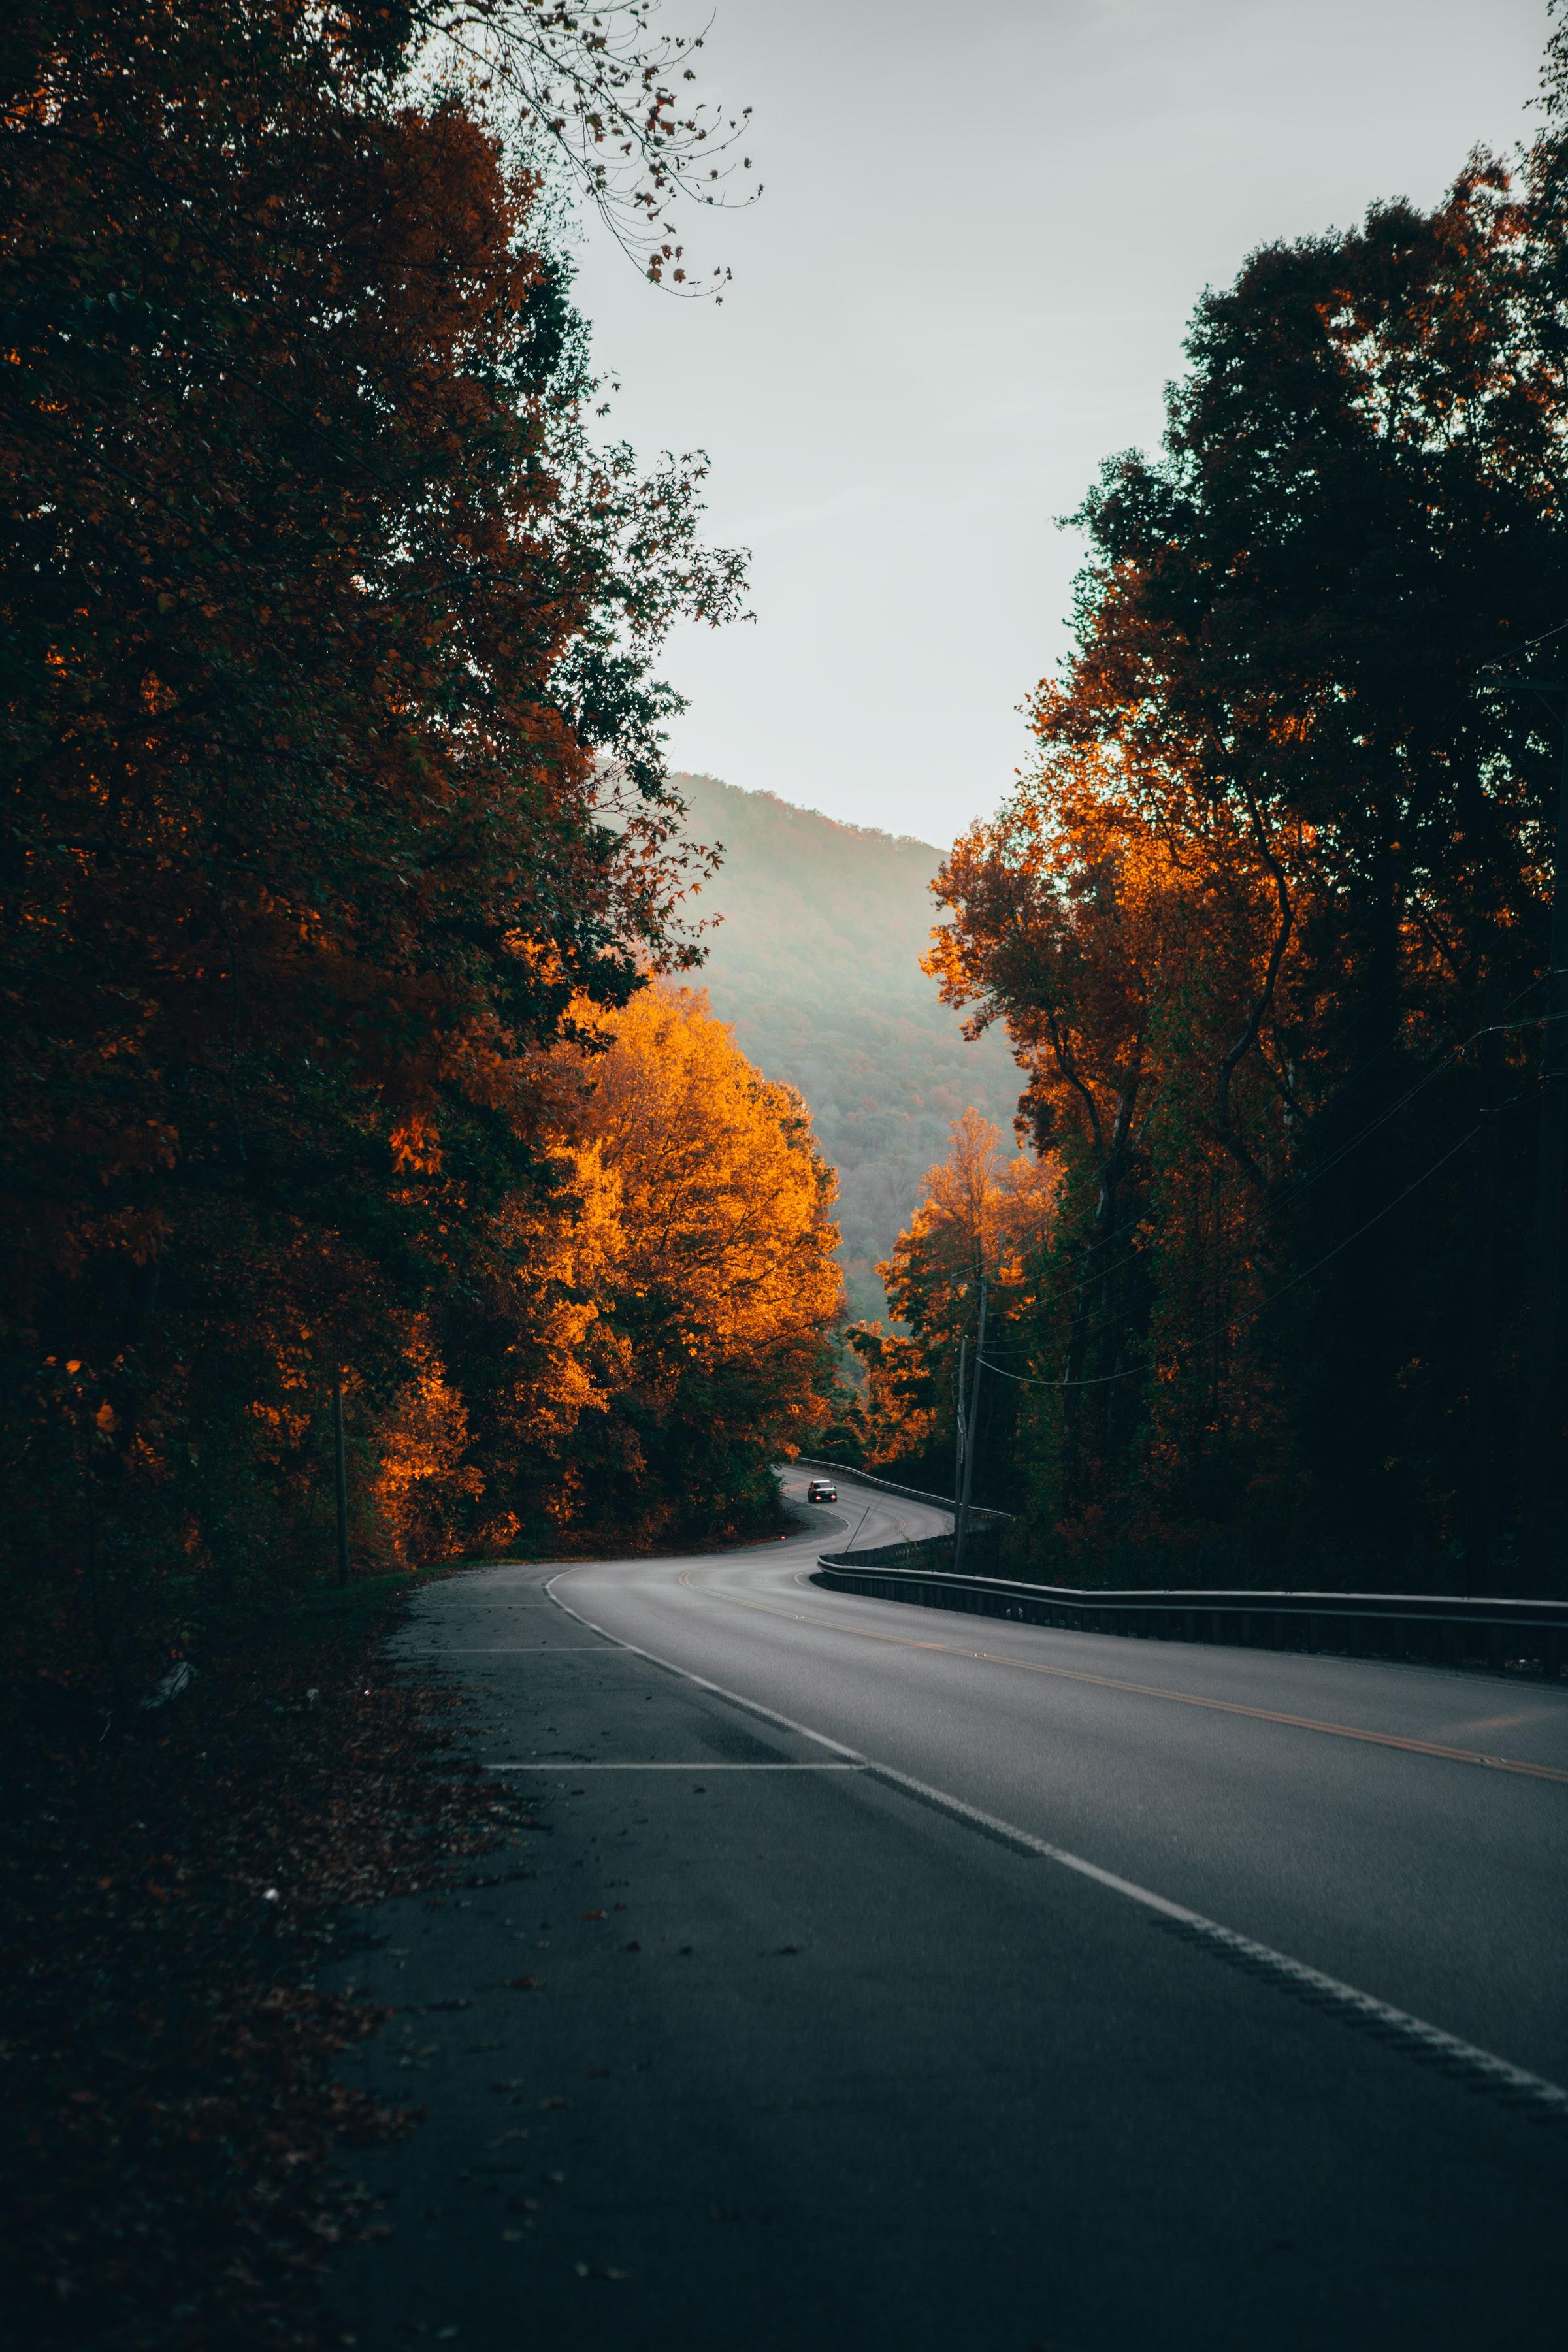 81095 скачать обои Природа, Деревья, Дорога, Туман, Машина - заставки и картинки бесплатно